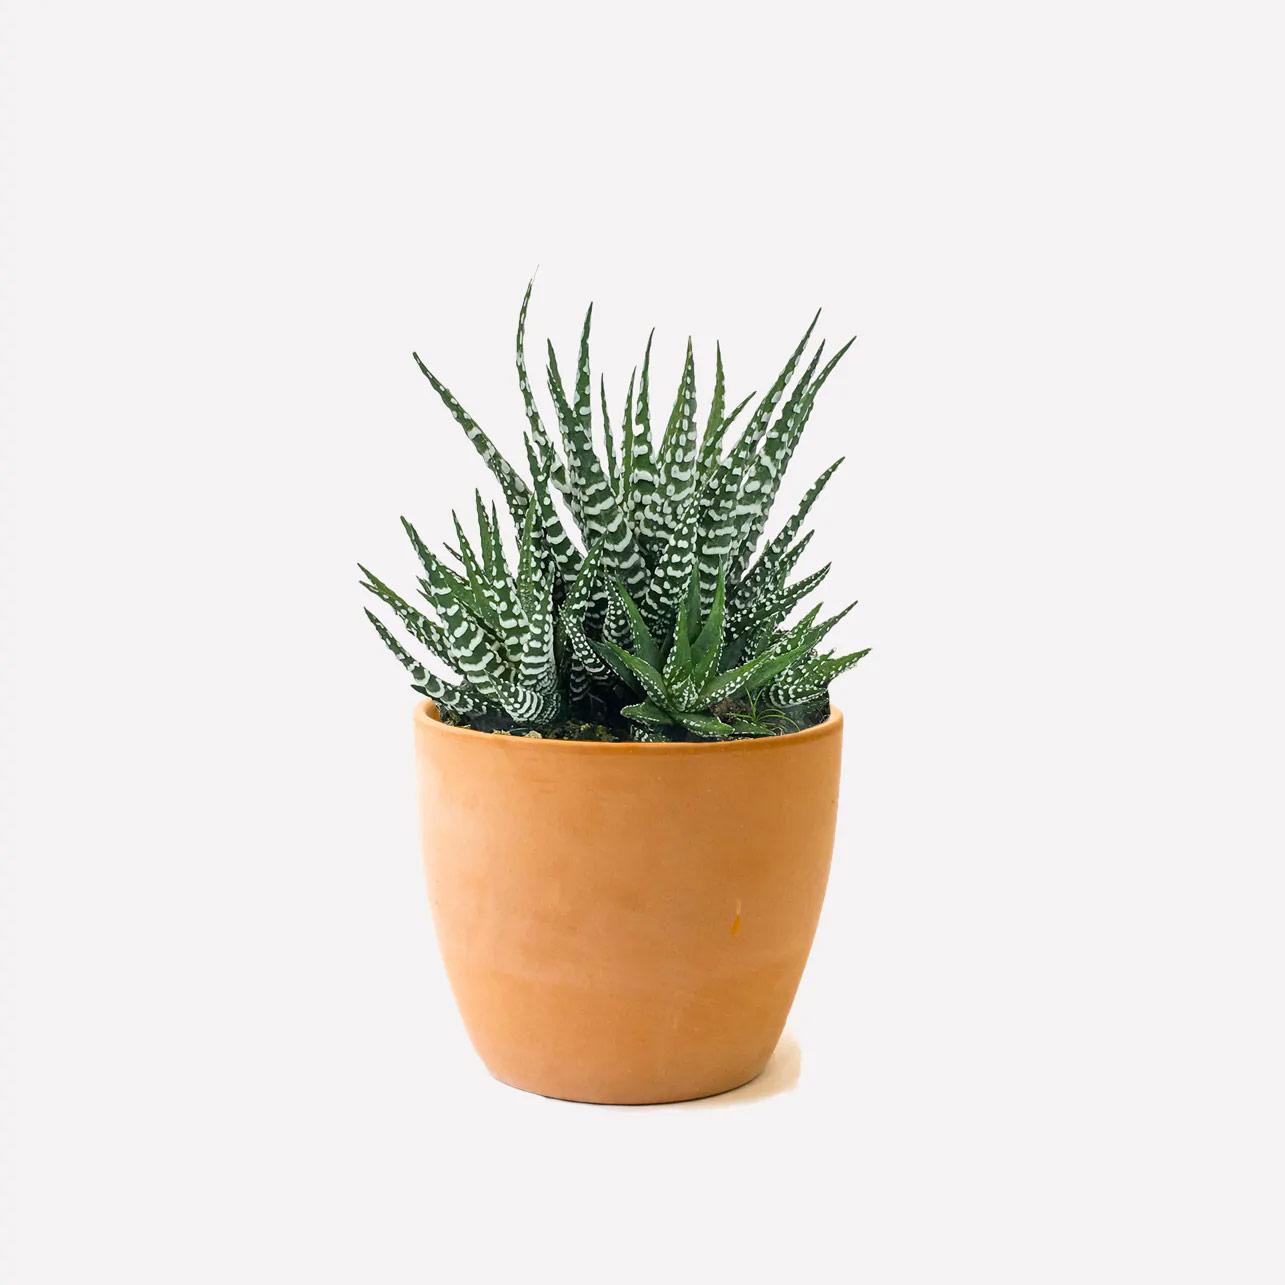 niet giftige planten katten honden zebracactus